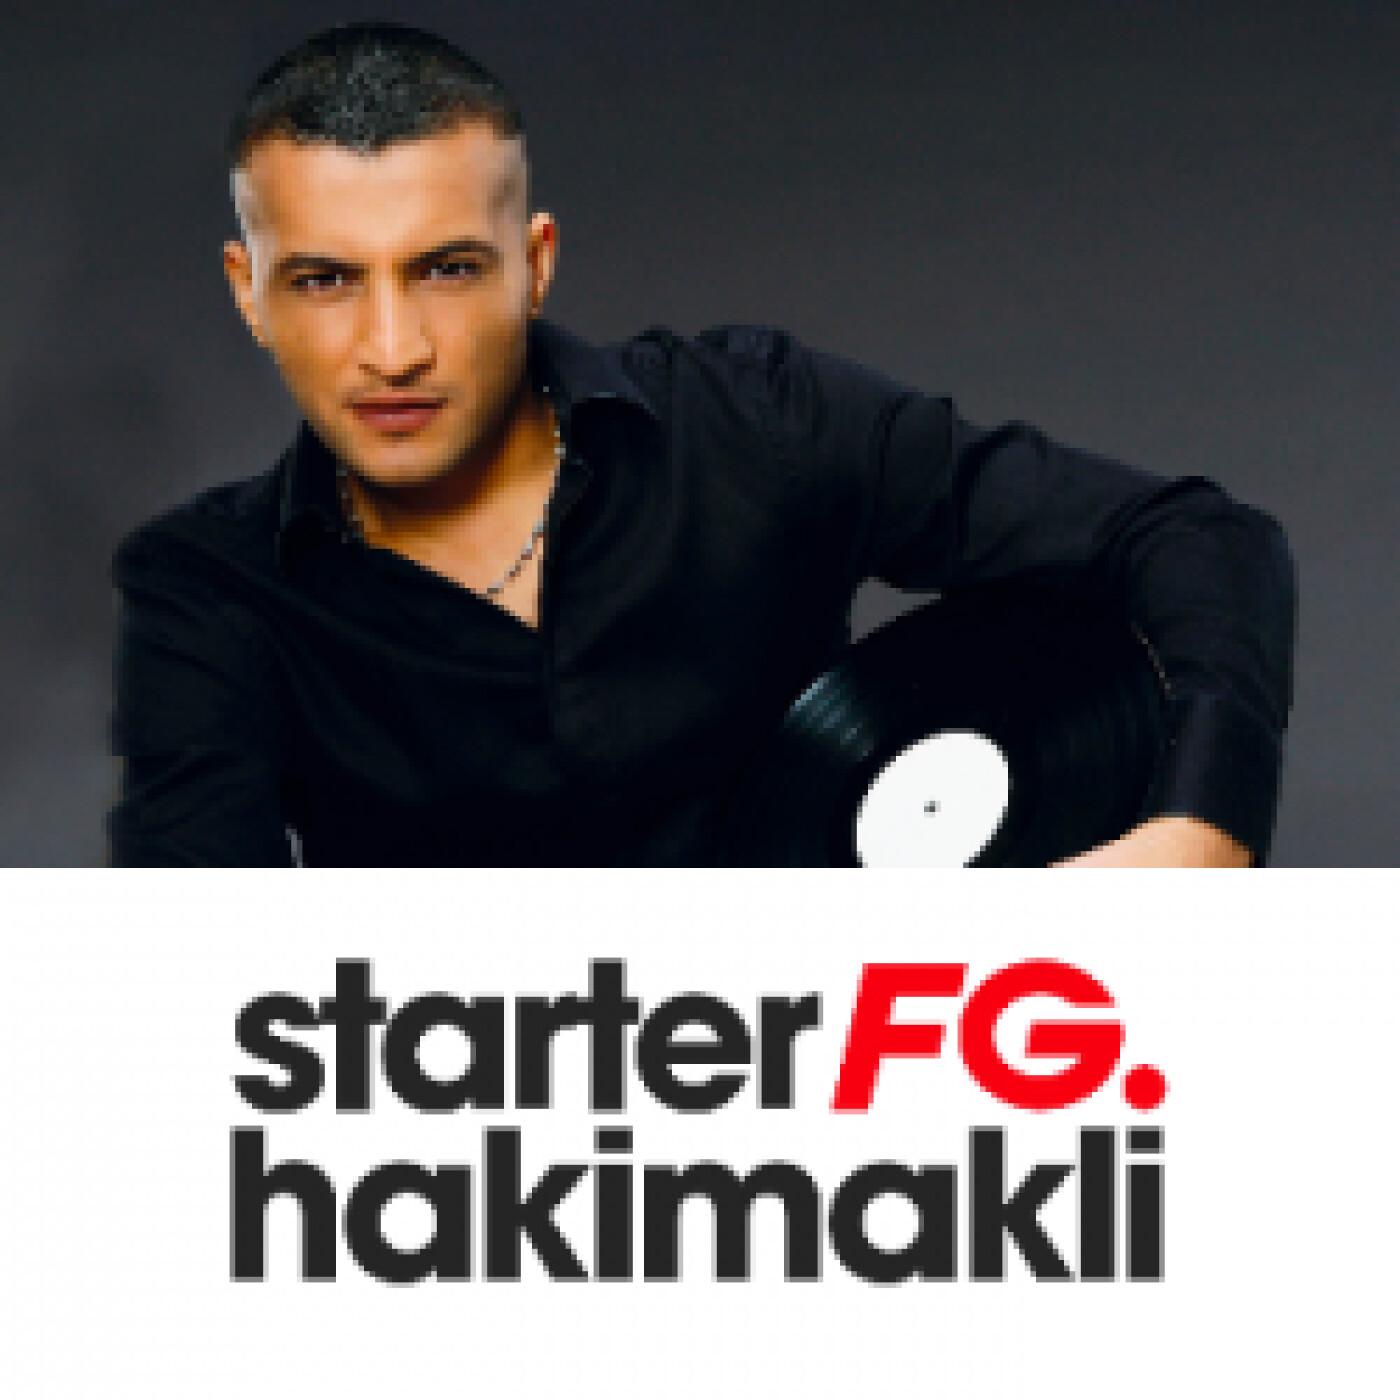 STARTER FG BY HAKIMAKLI LUNDI 8 FEVRIER 2021